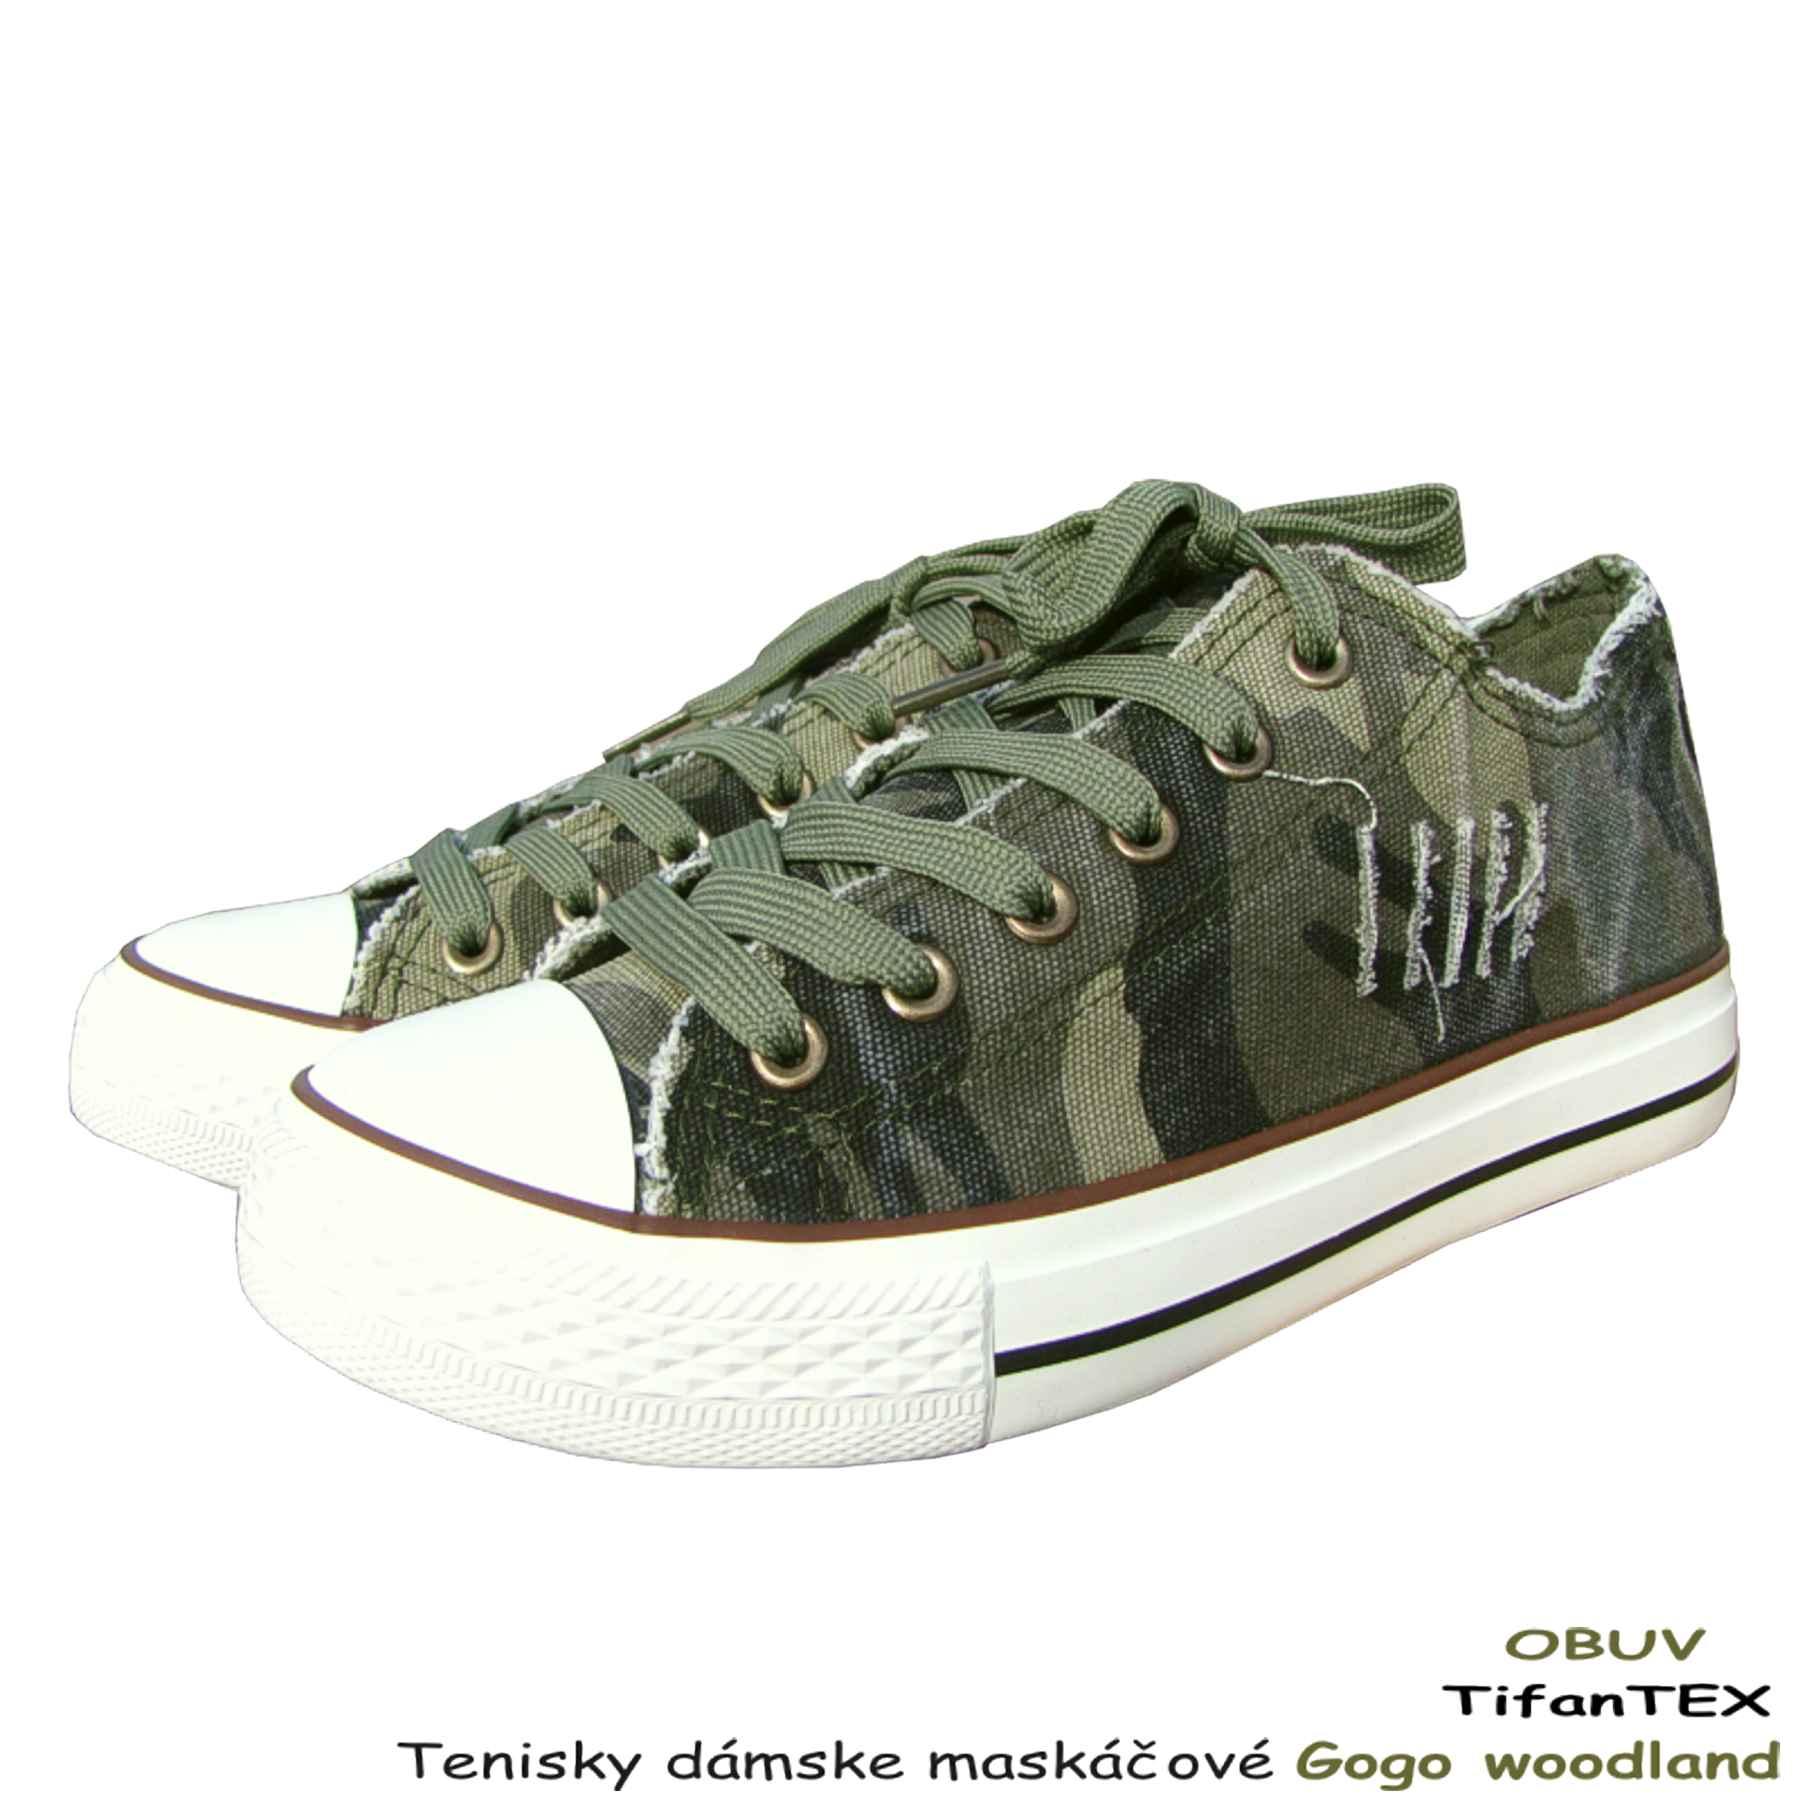 f358b635331a2 obuv má textilný zvršok pôsobiaci opotrebovaným vzhľadom Plátenné tenisky  dámske maskáčové Gogo woodland nizke - Tifantex obuv